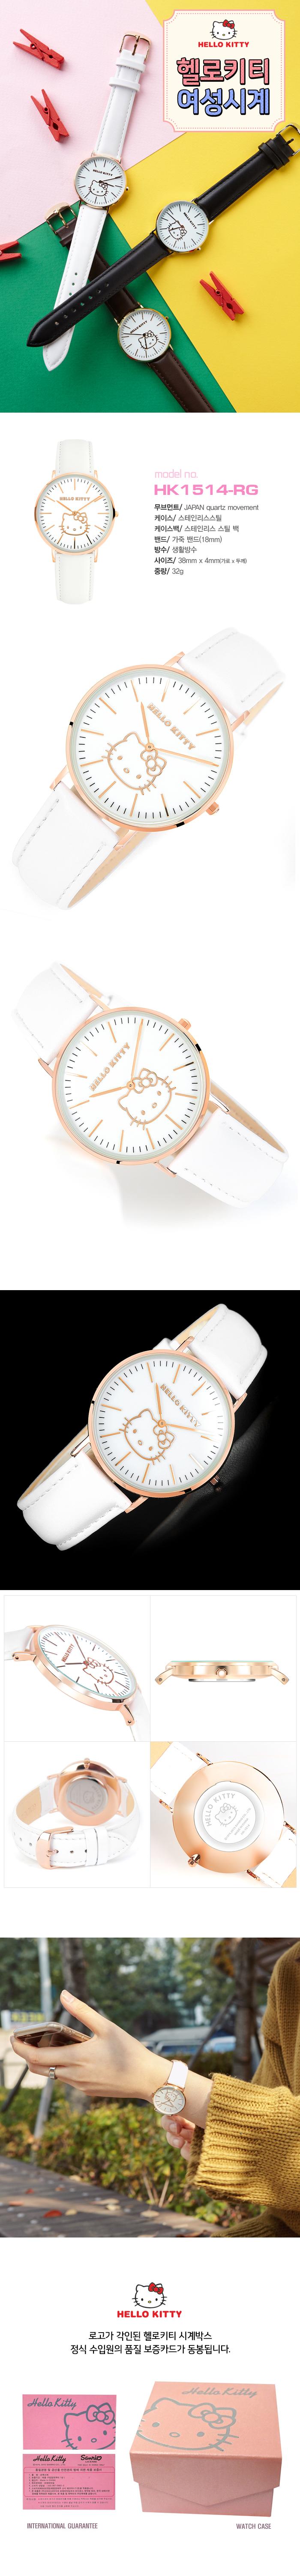 HK1514-RG - 헬로키티, 65,000원, 여성시계, 캐릭터시계